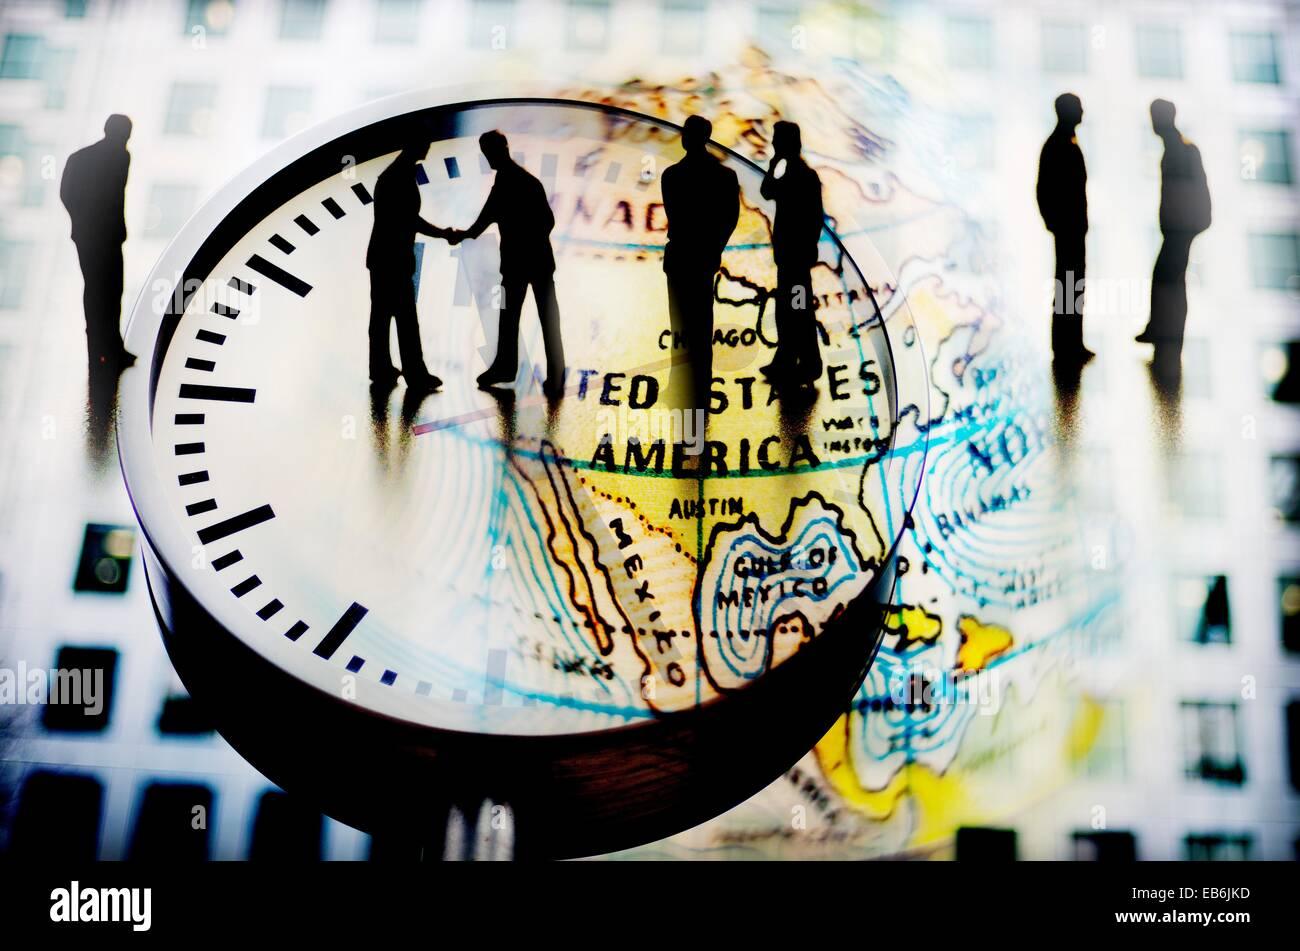 hombres de negocios cerrando acuerdo sobre un reloj y mapa mundi composicion digital businessmen closing agreement - Stock Image